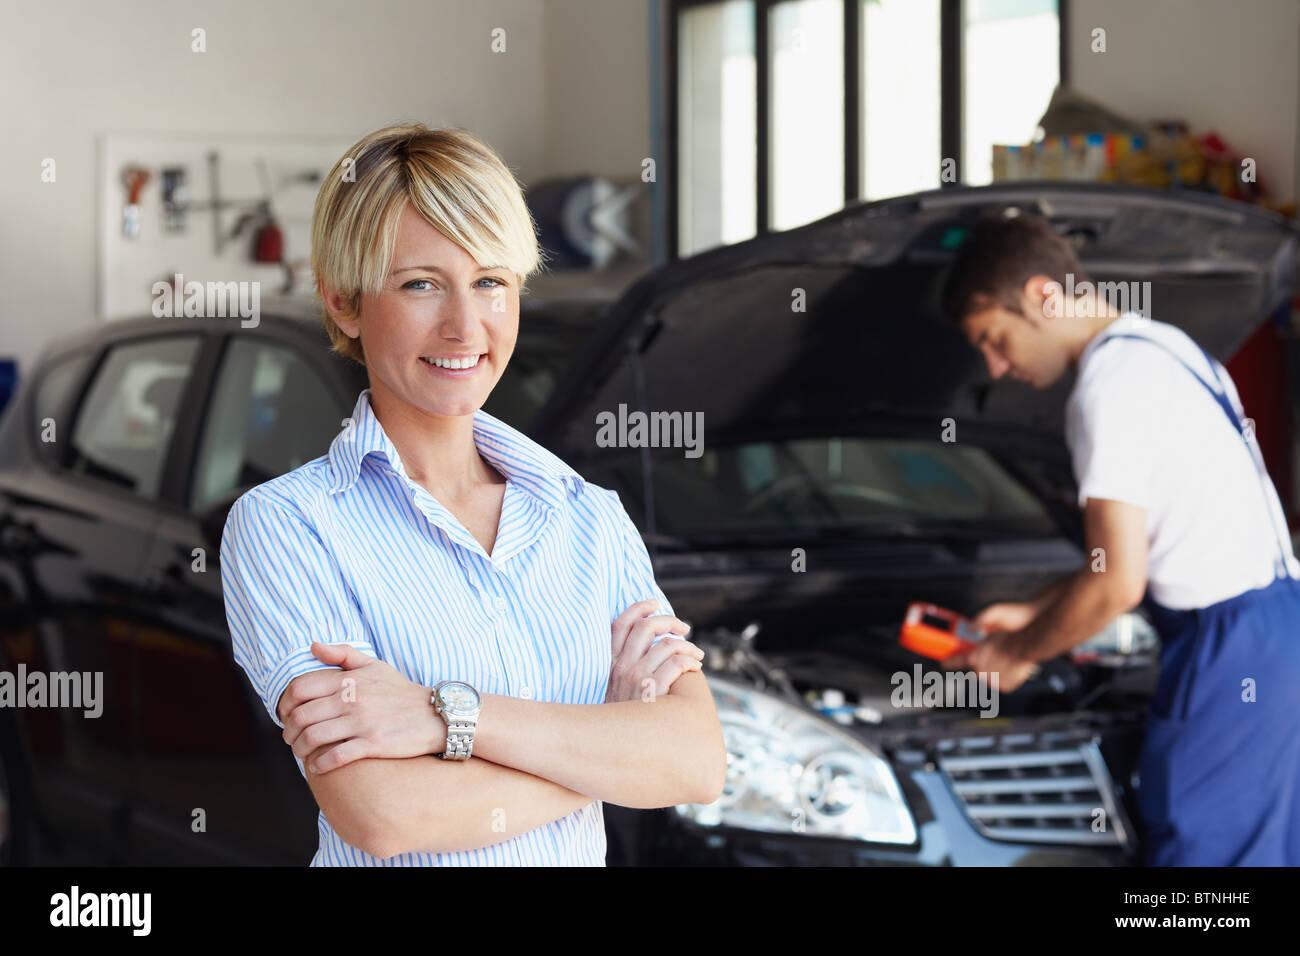 Porträt der Frau in der Autowerkstatt Stockbild